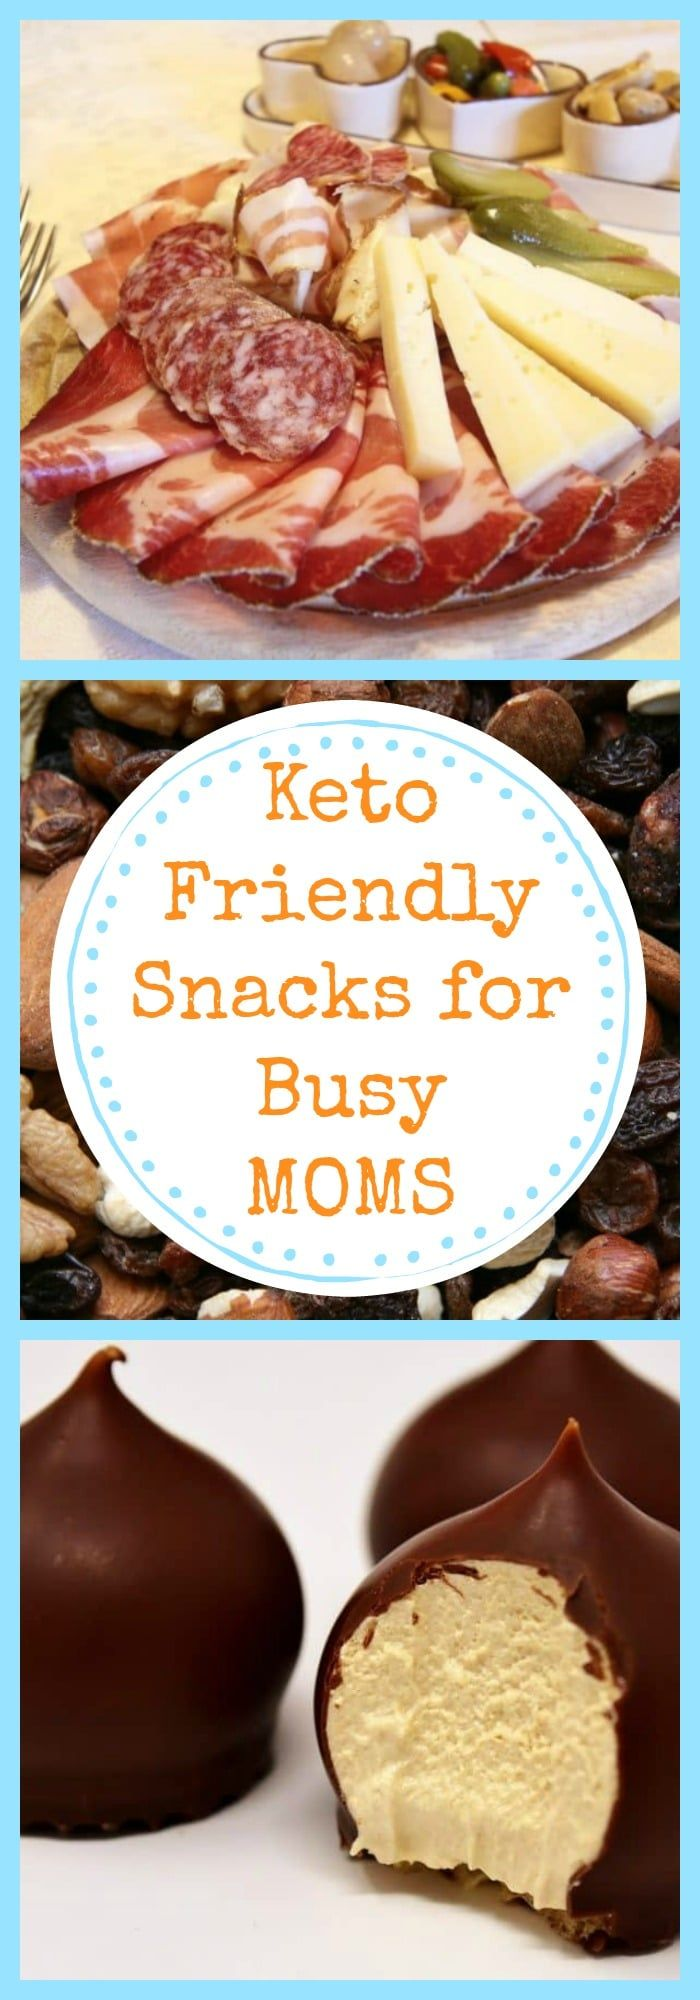 Keto Friendly Snacks for Busy Moms